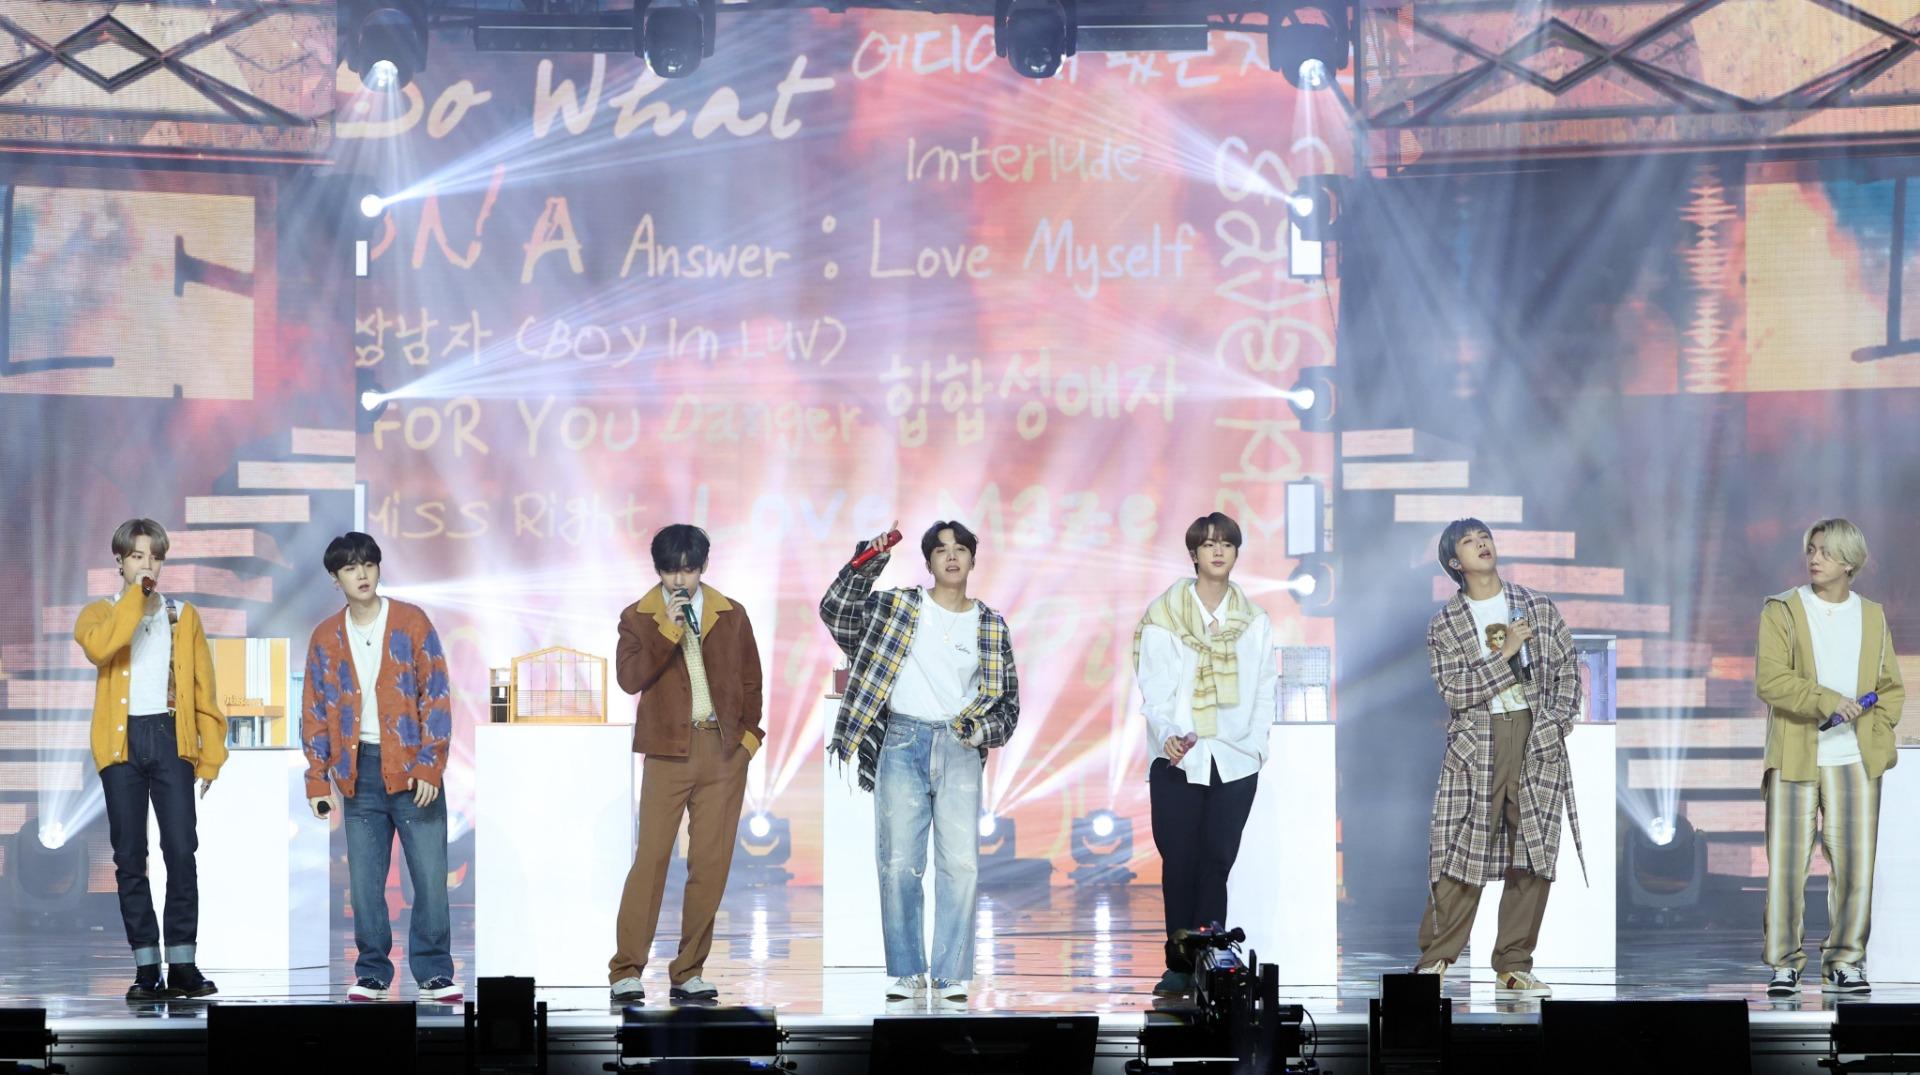 รูปที่ 2/15 จากอัลบั้มรวมรูปภาพของ IU, BTS  คว้ารางวัลเพลง-อัลบั้มยอดเยี่ยมจาก Golden Disc Awards 2021 ครั้งที่ 35